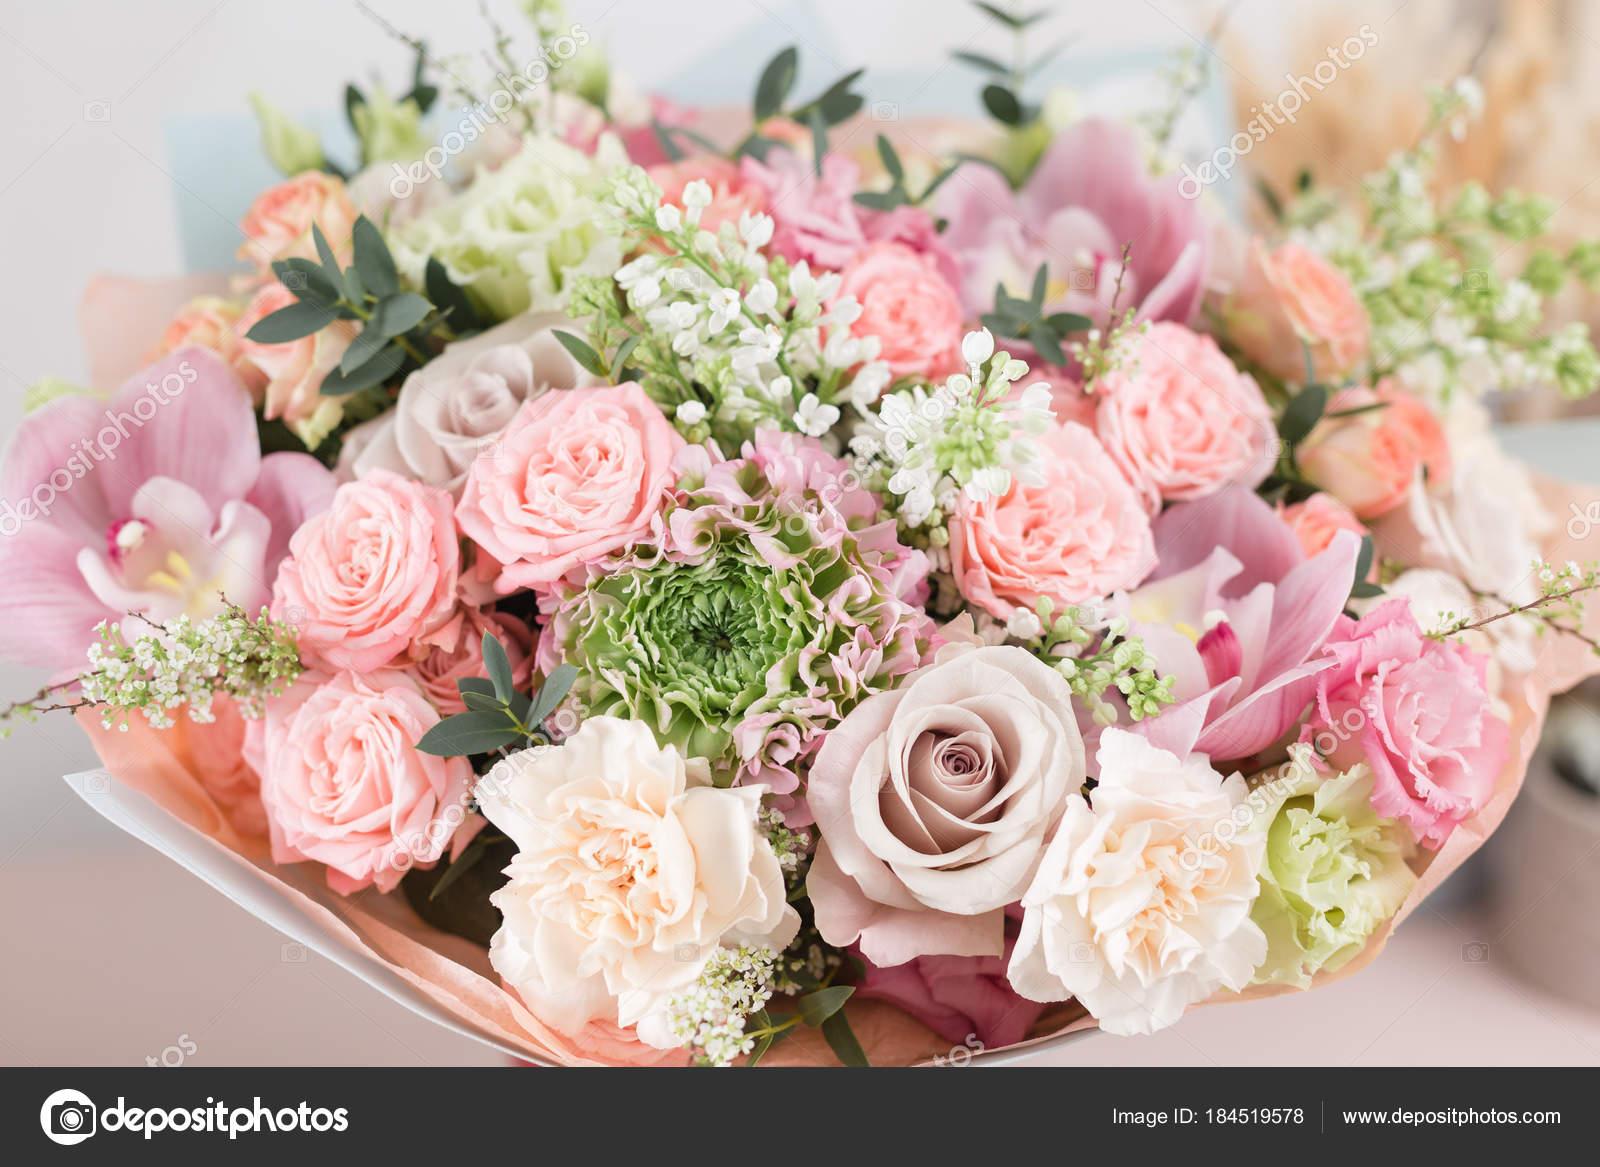 Bouquet De Luxe Beau Gros Plan De Fleurs Mixtes Sur Table En Bois